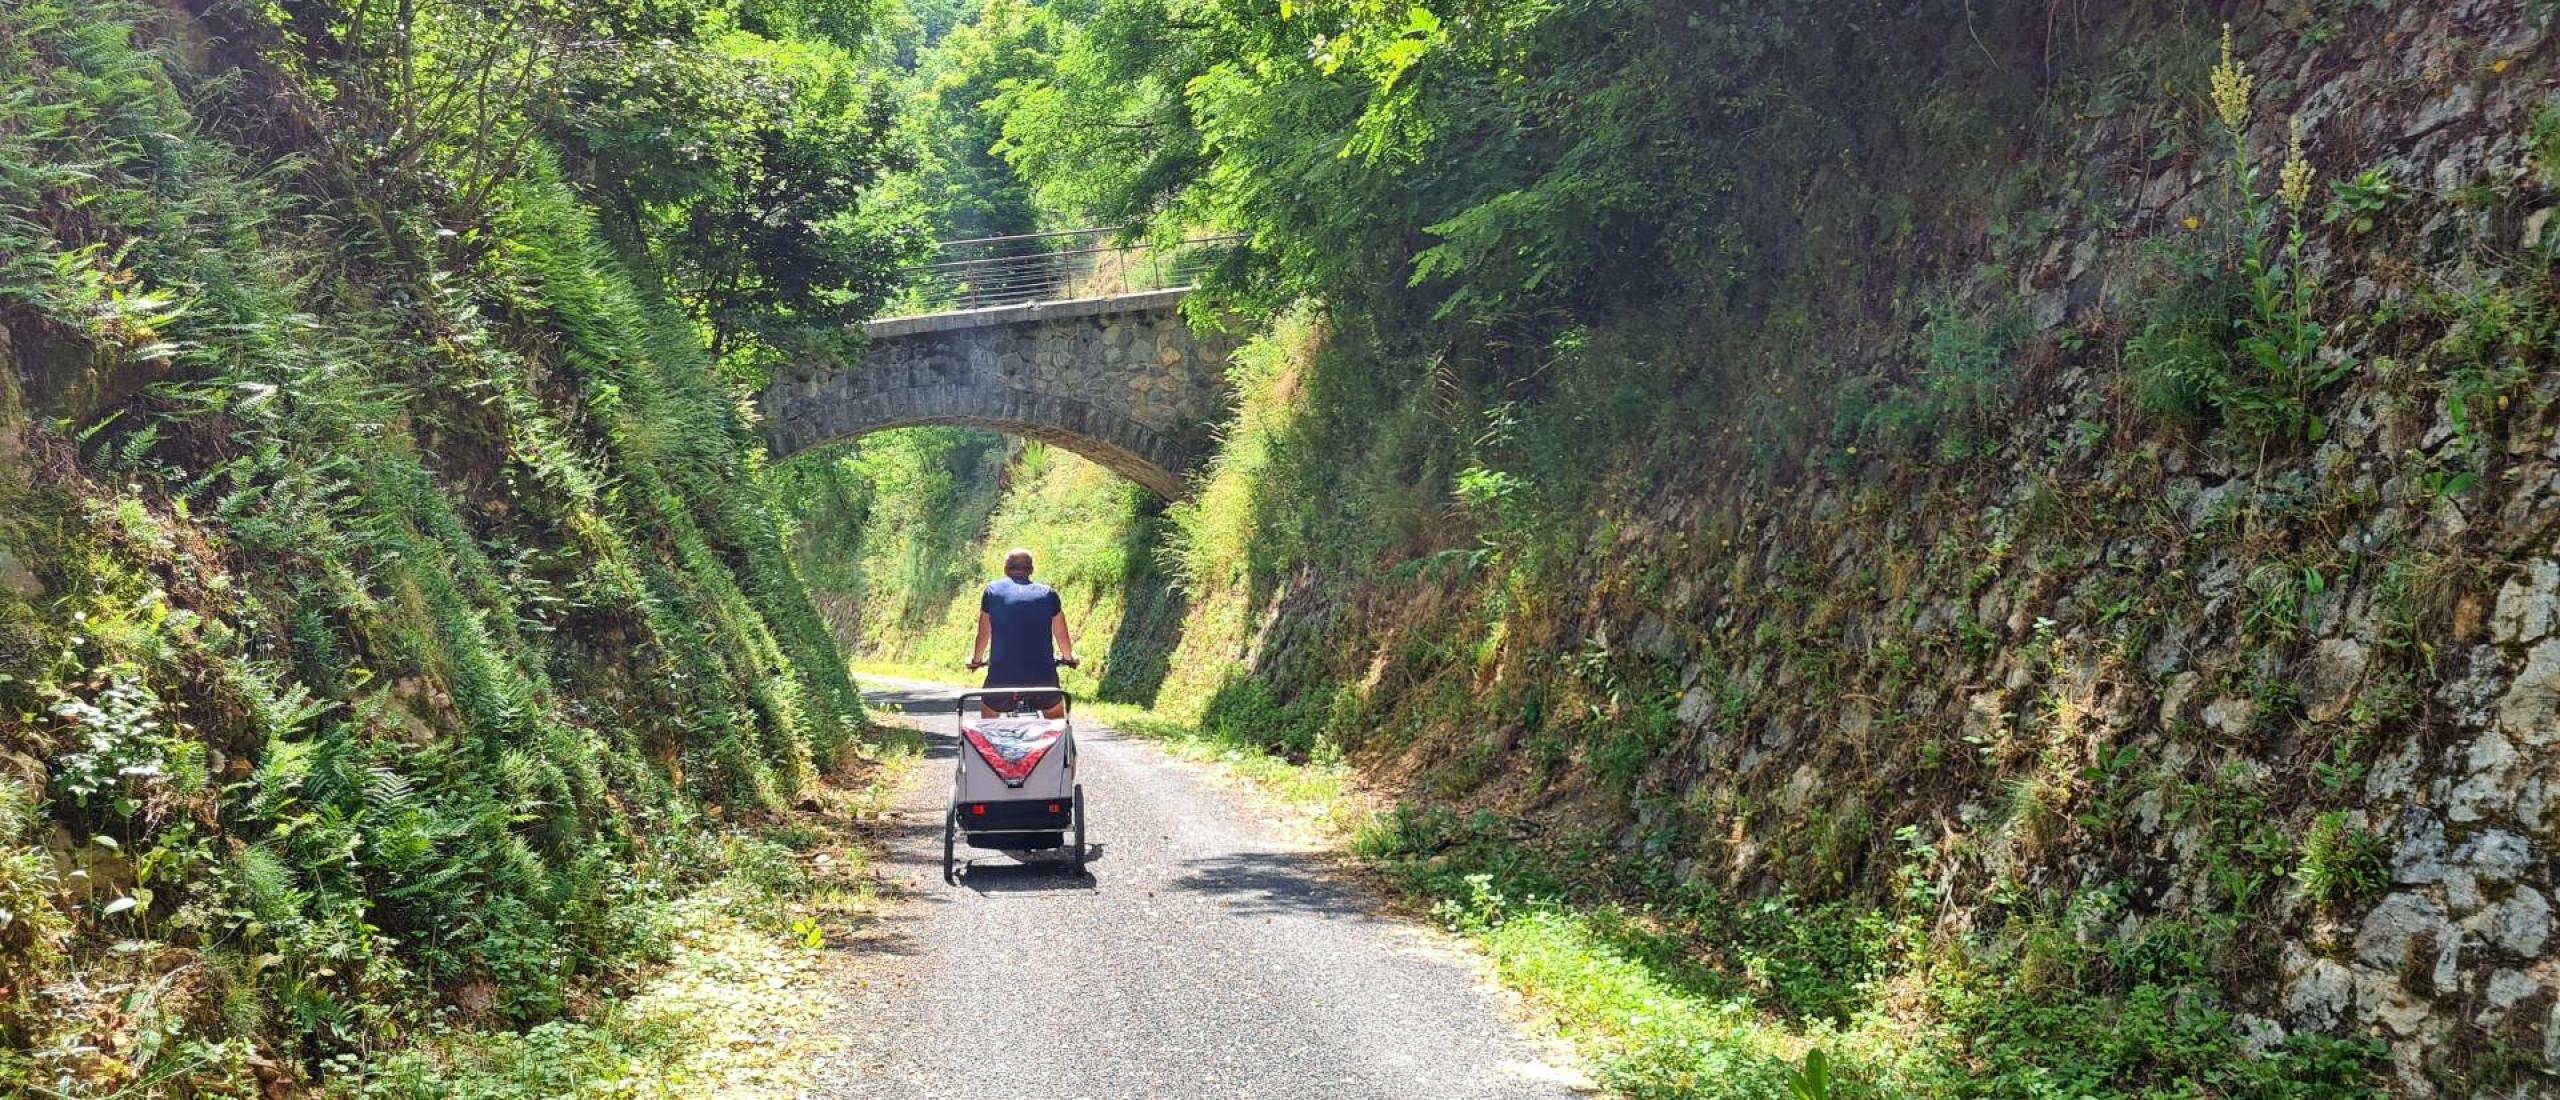 Fietsroute La Dolce Via in de Ardèche met kinderen